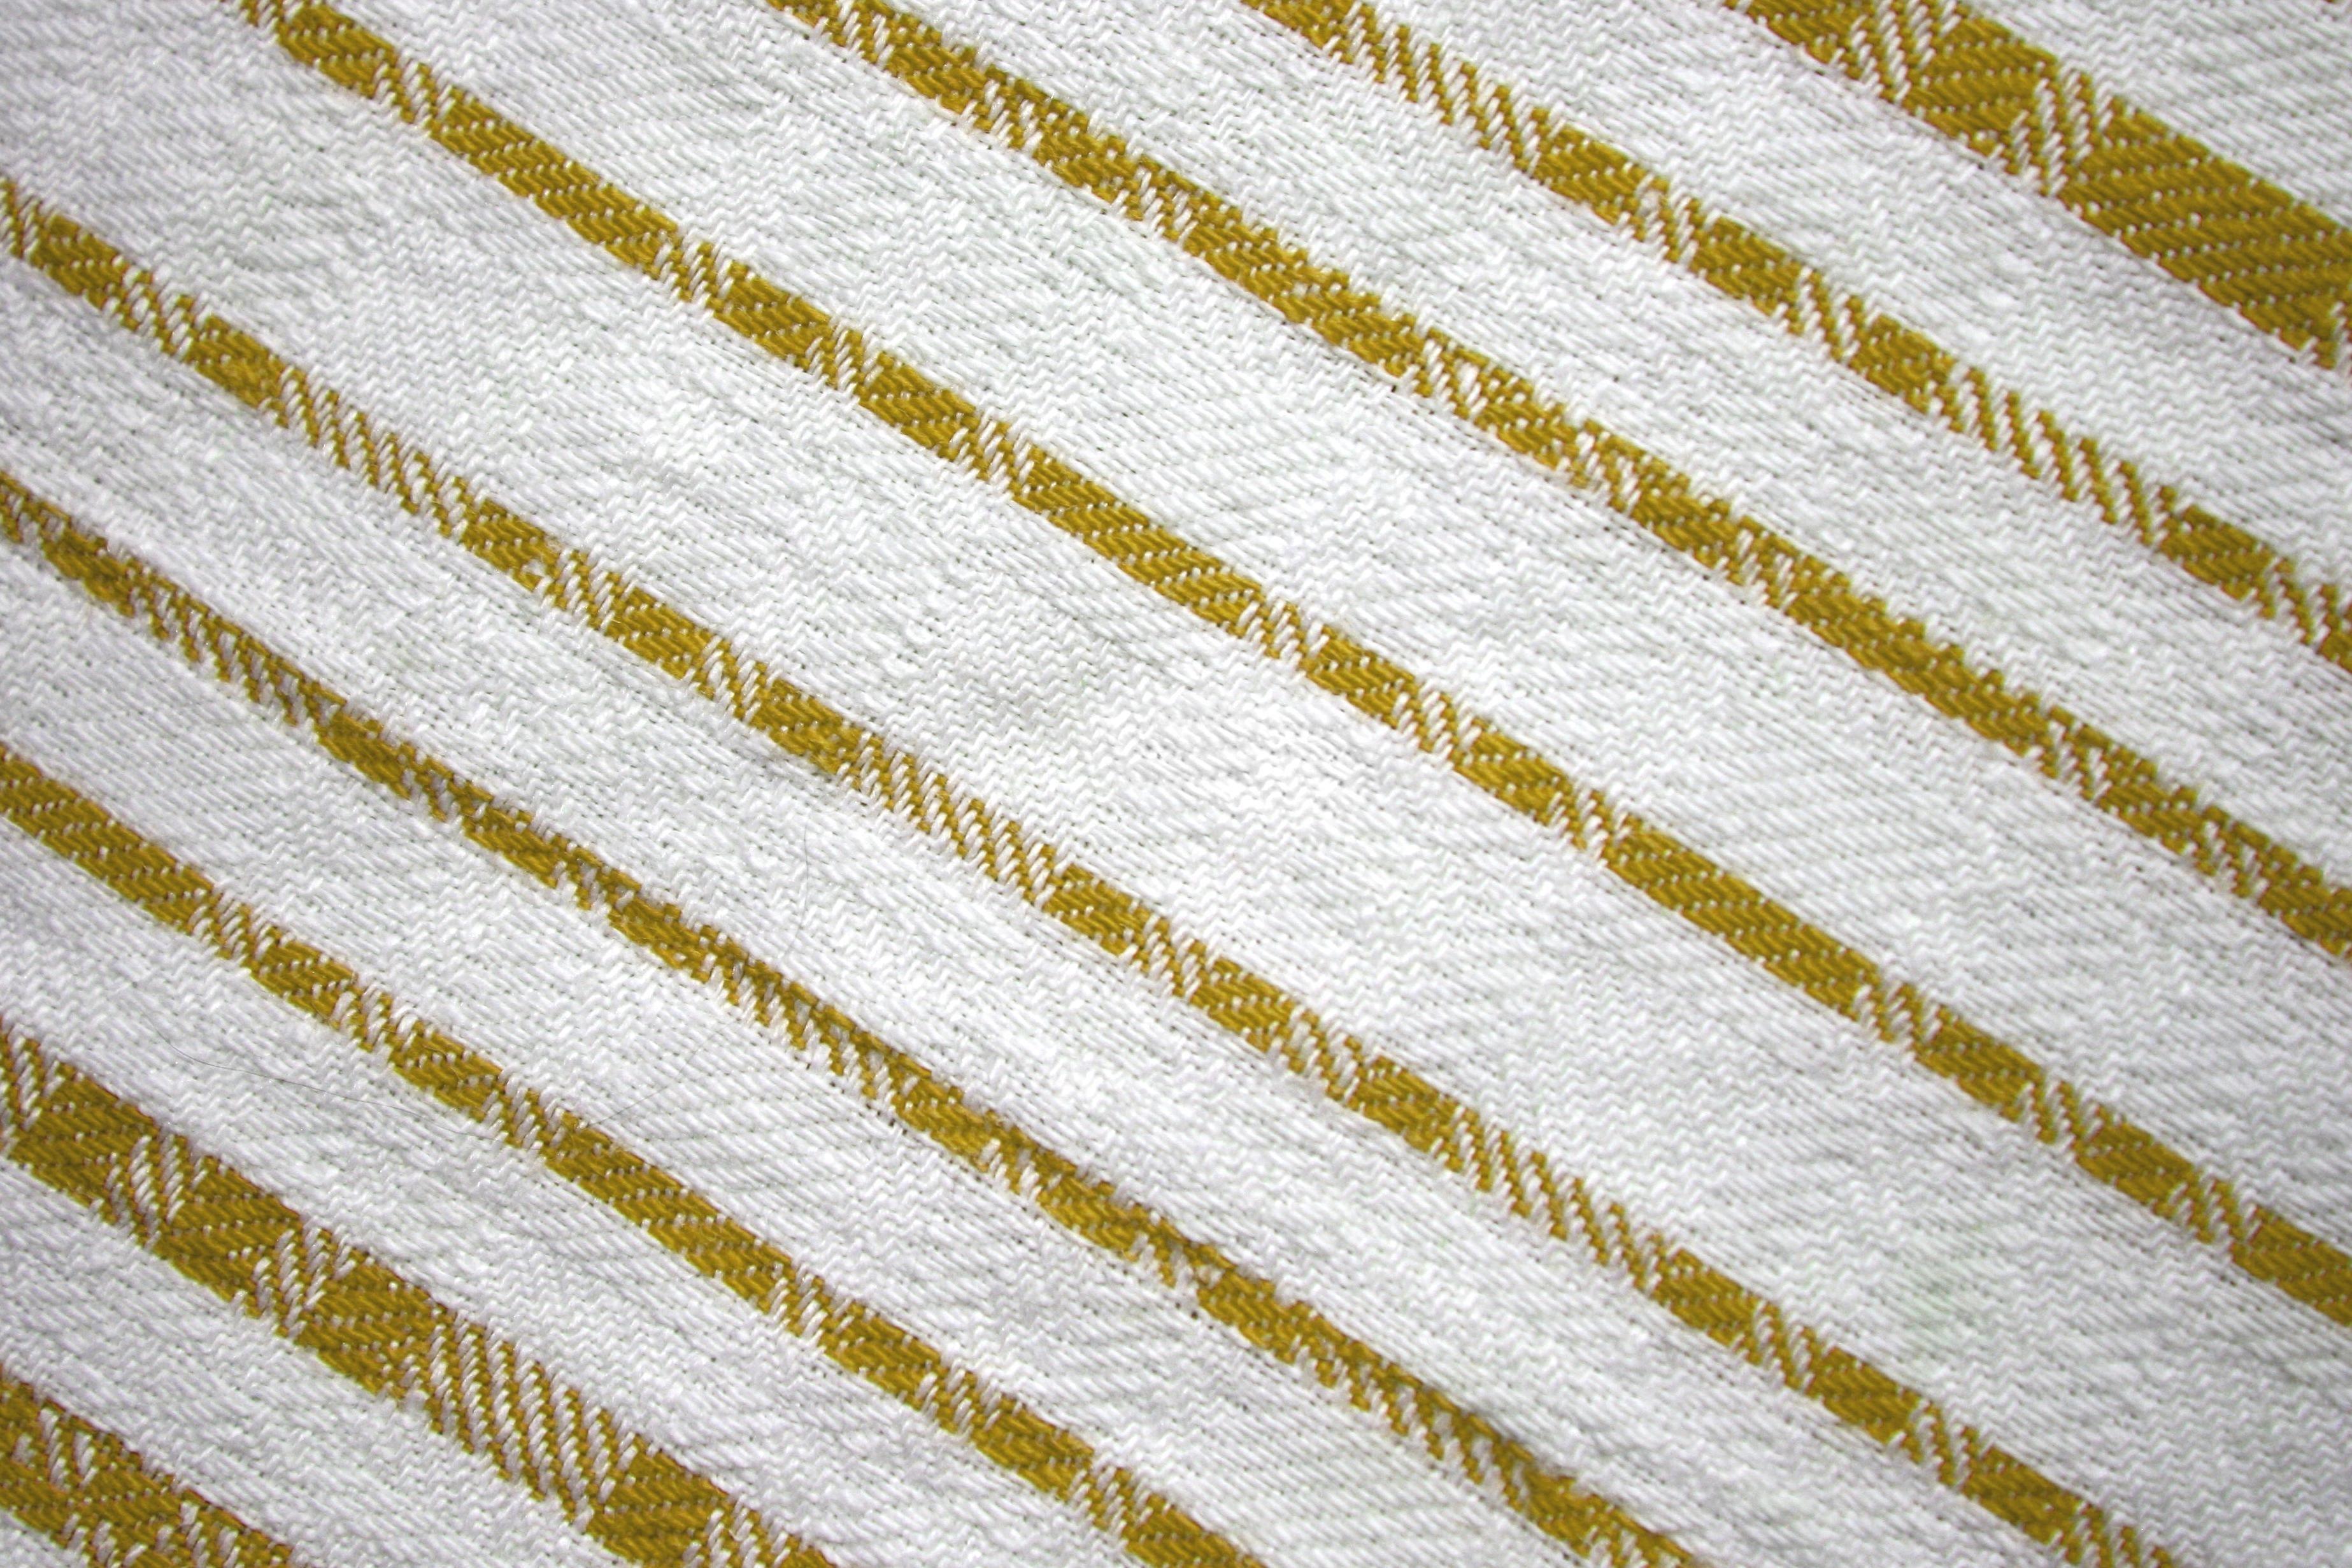 Imagen gratis: Coler oro, rayas diagonales, textil, paño de cocina ...